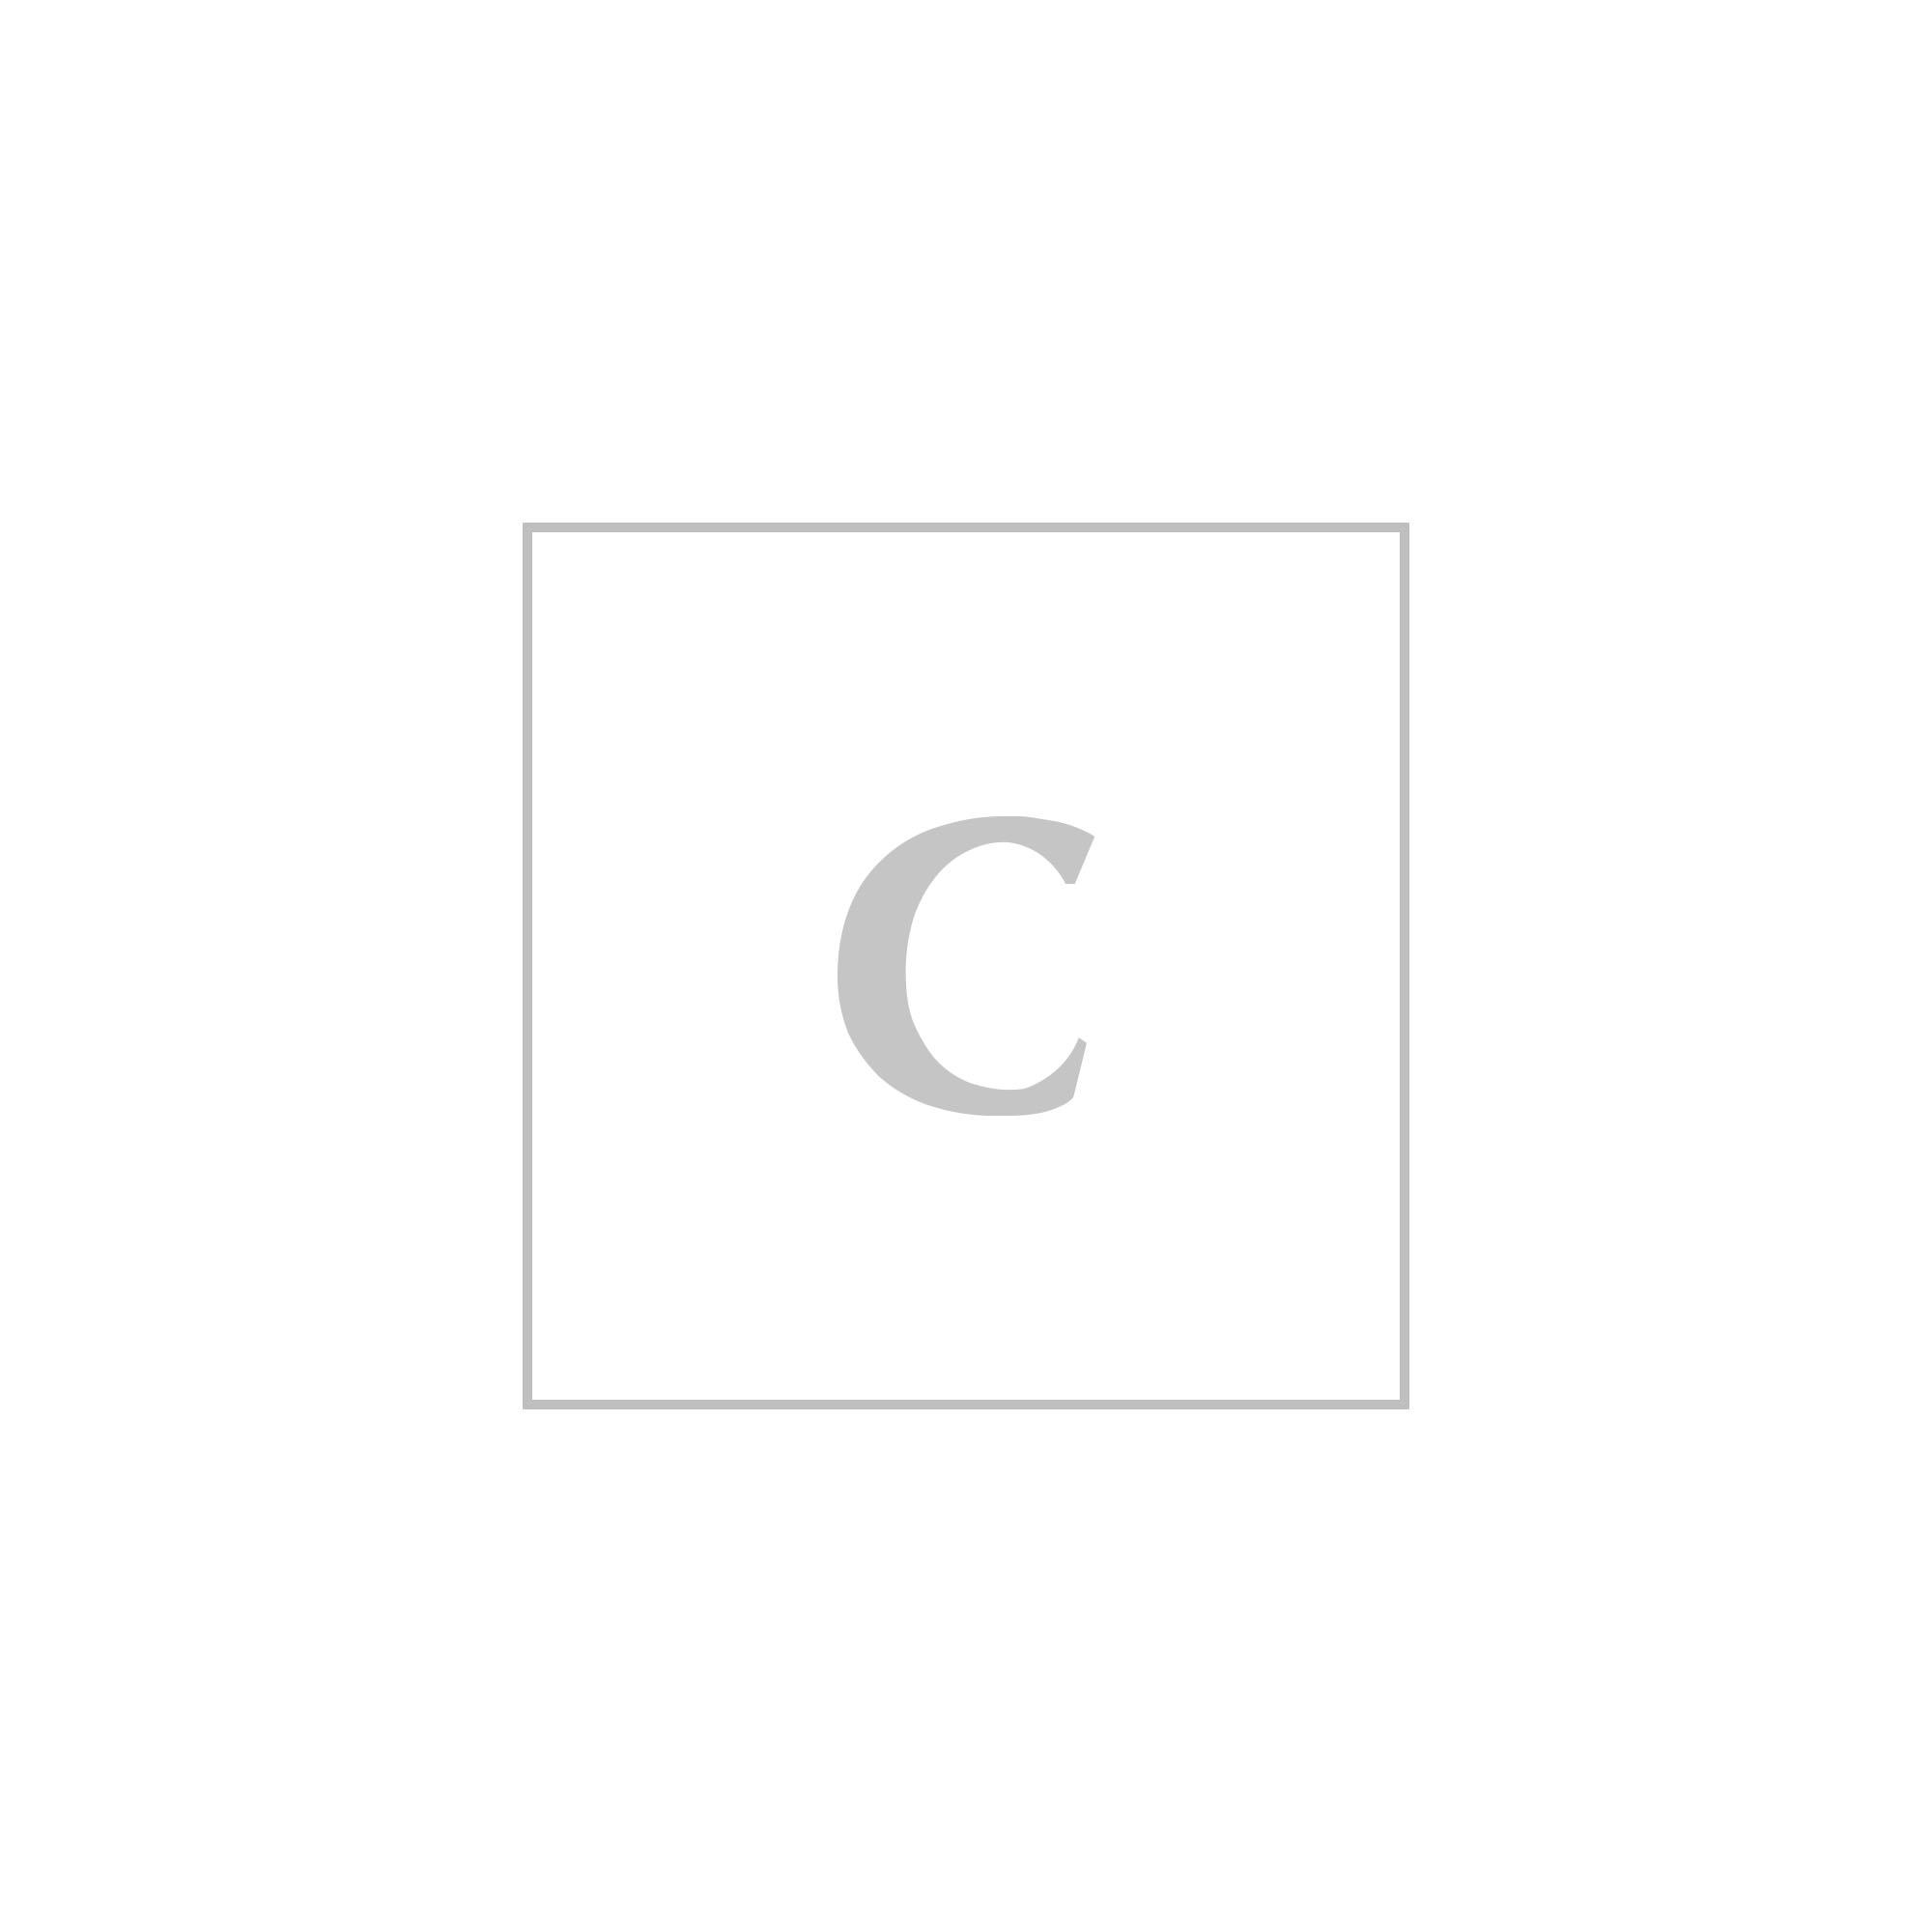 Dolce & gabbana slingback mini paillettes e nappa bellucci